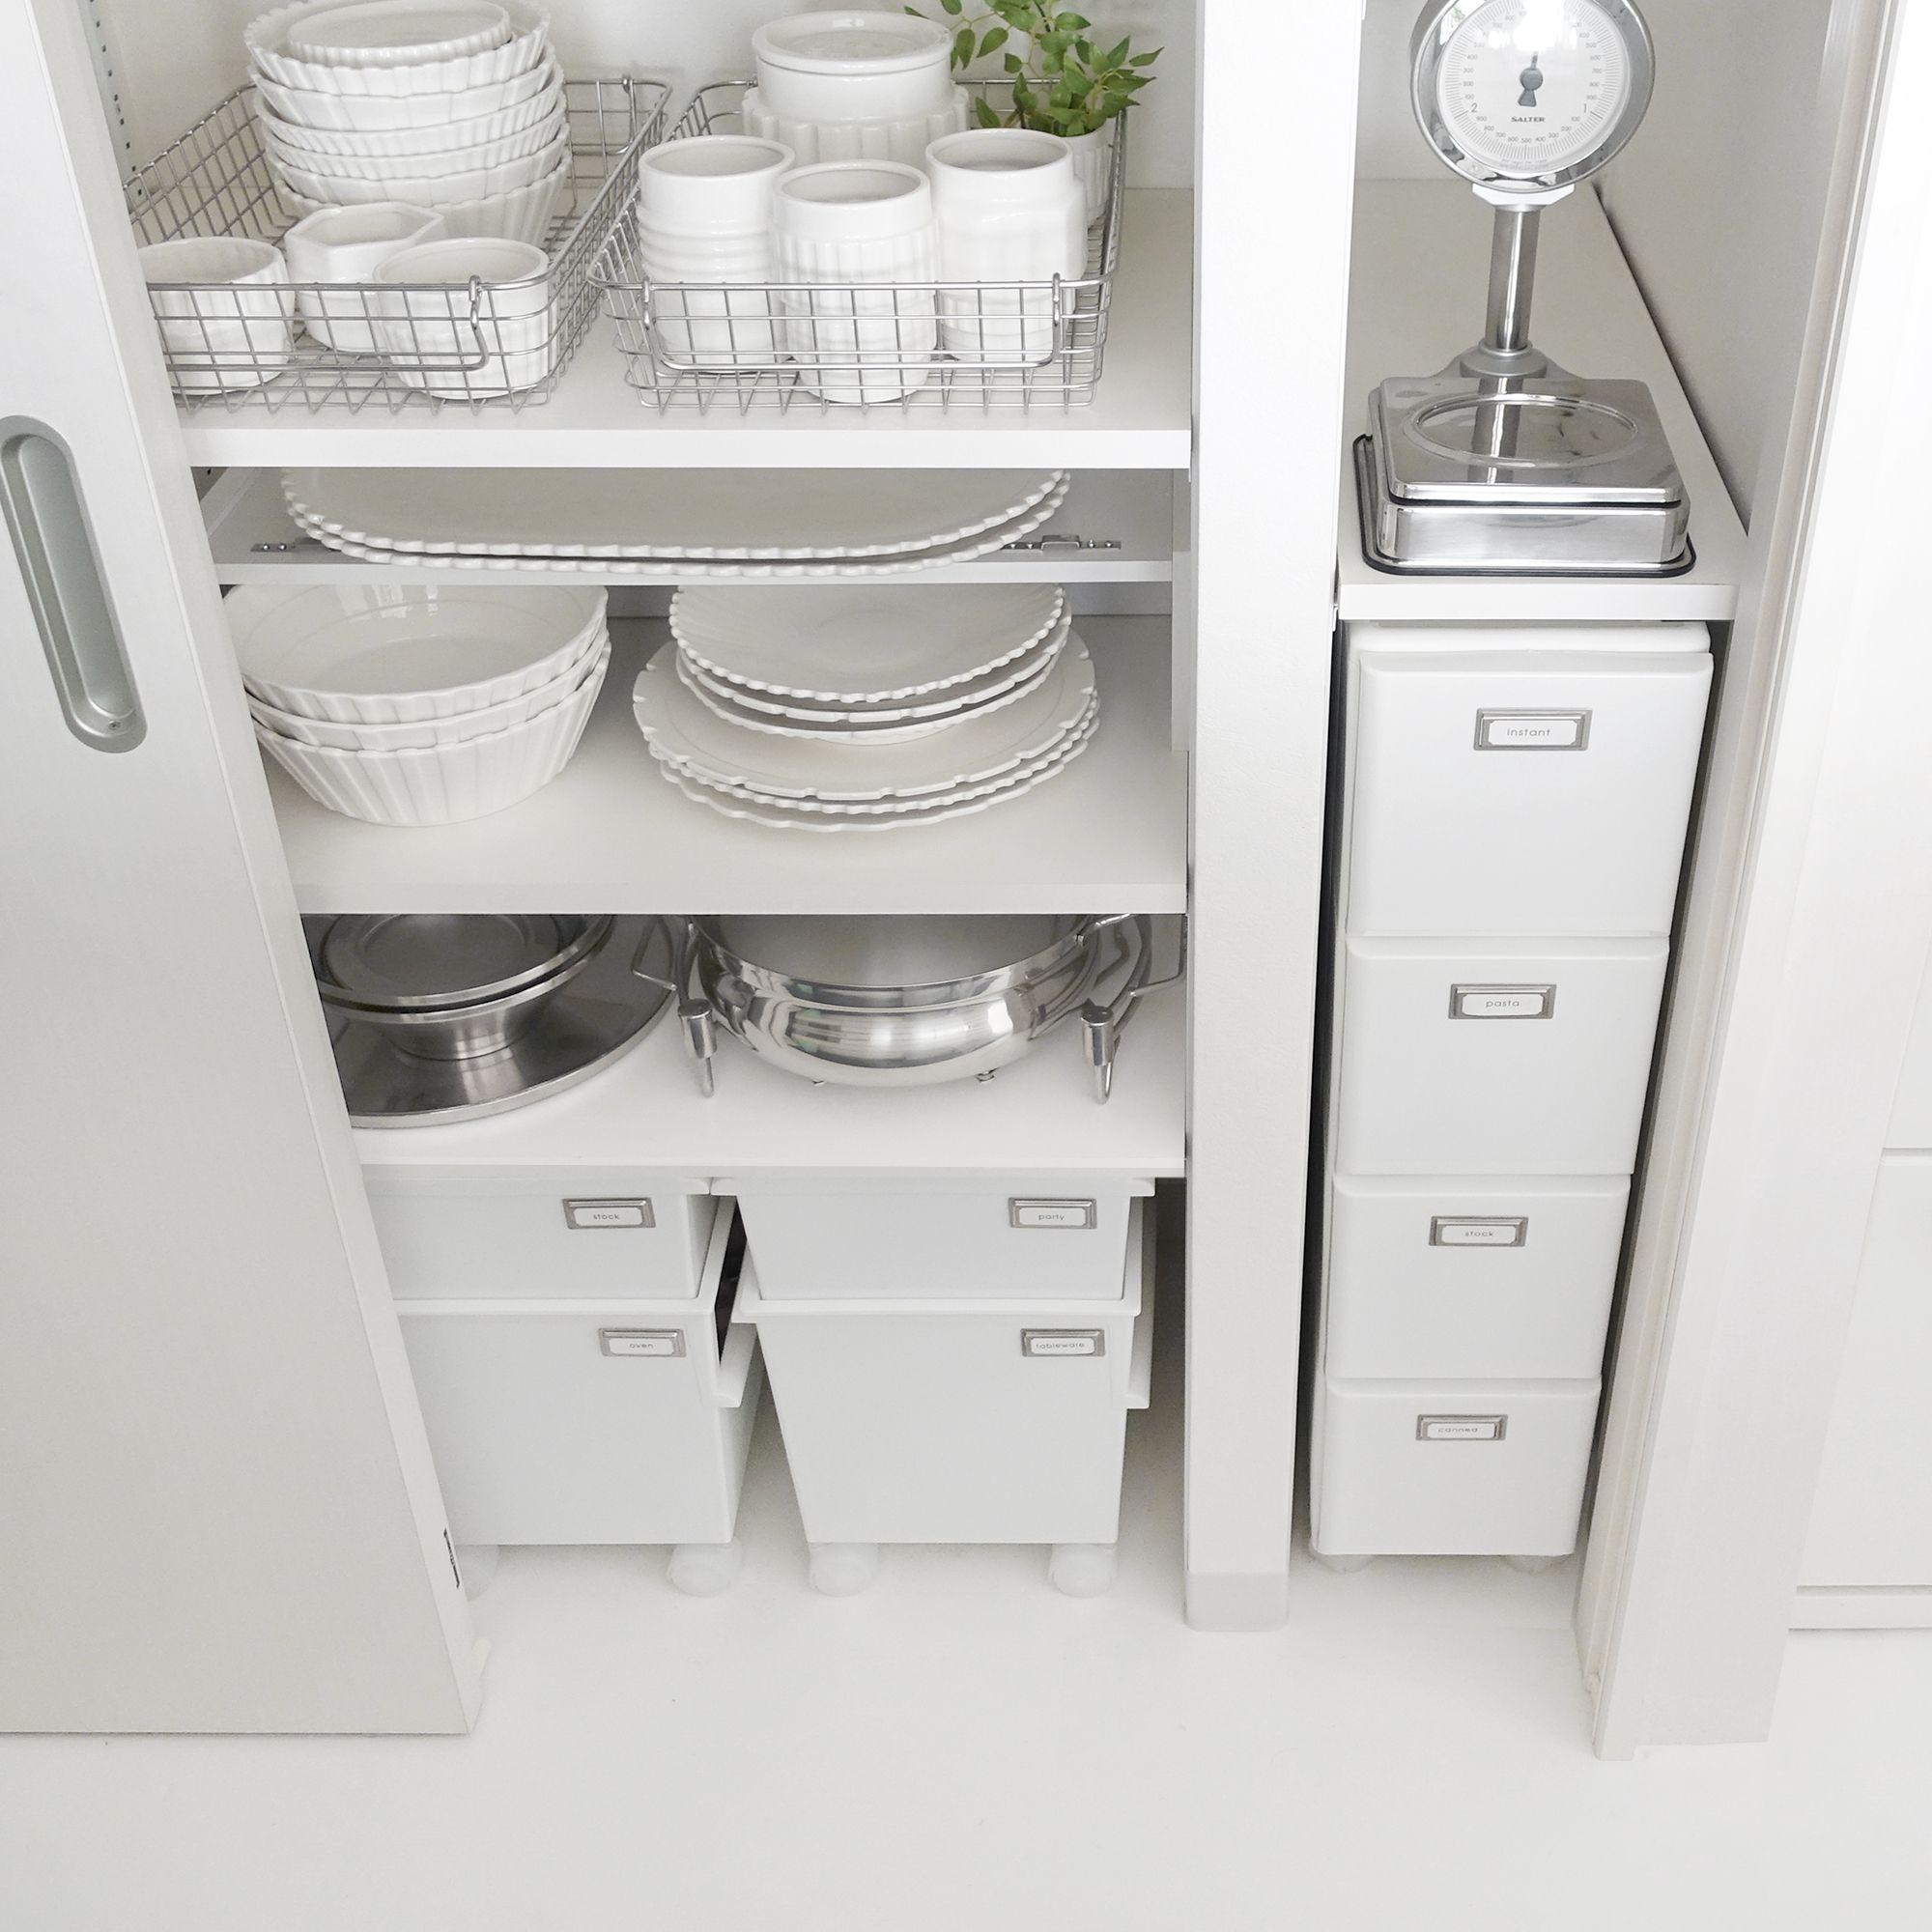 キッチン収納 食器棚の中身も衣替え 使いにくい場所の使い方